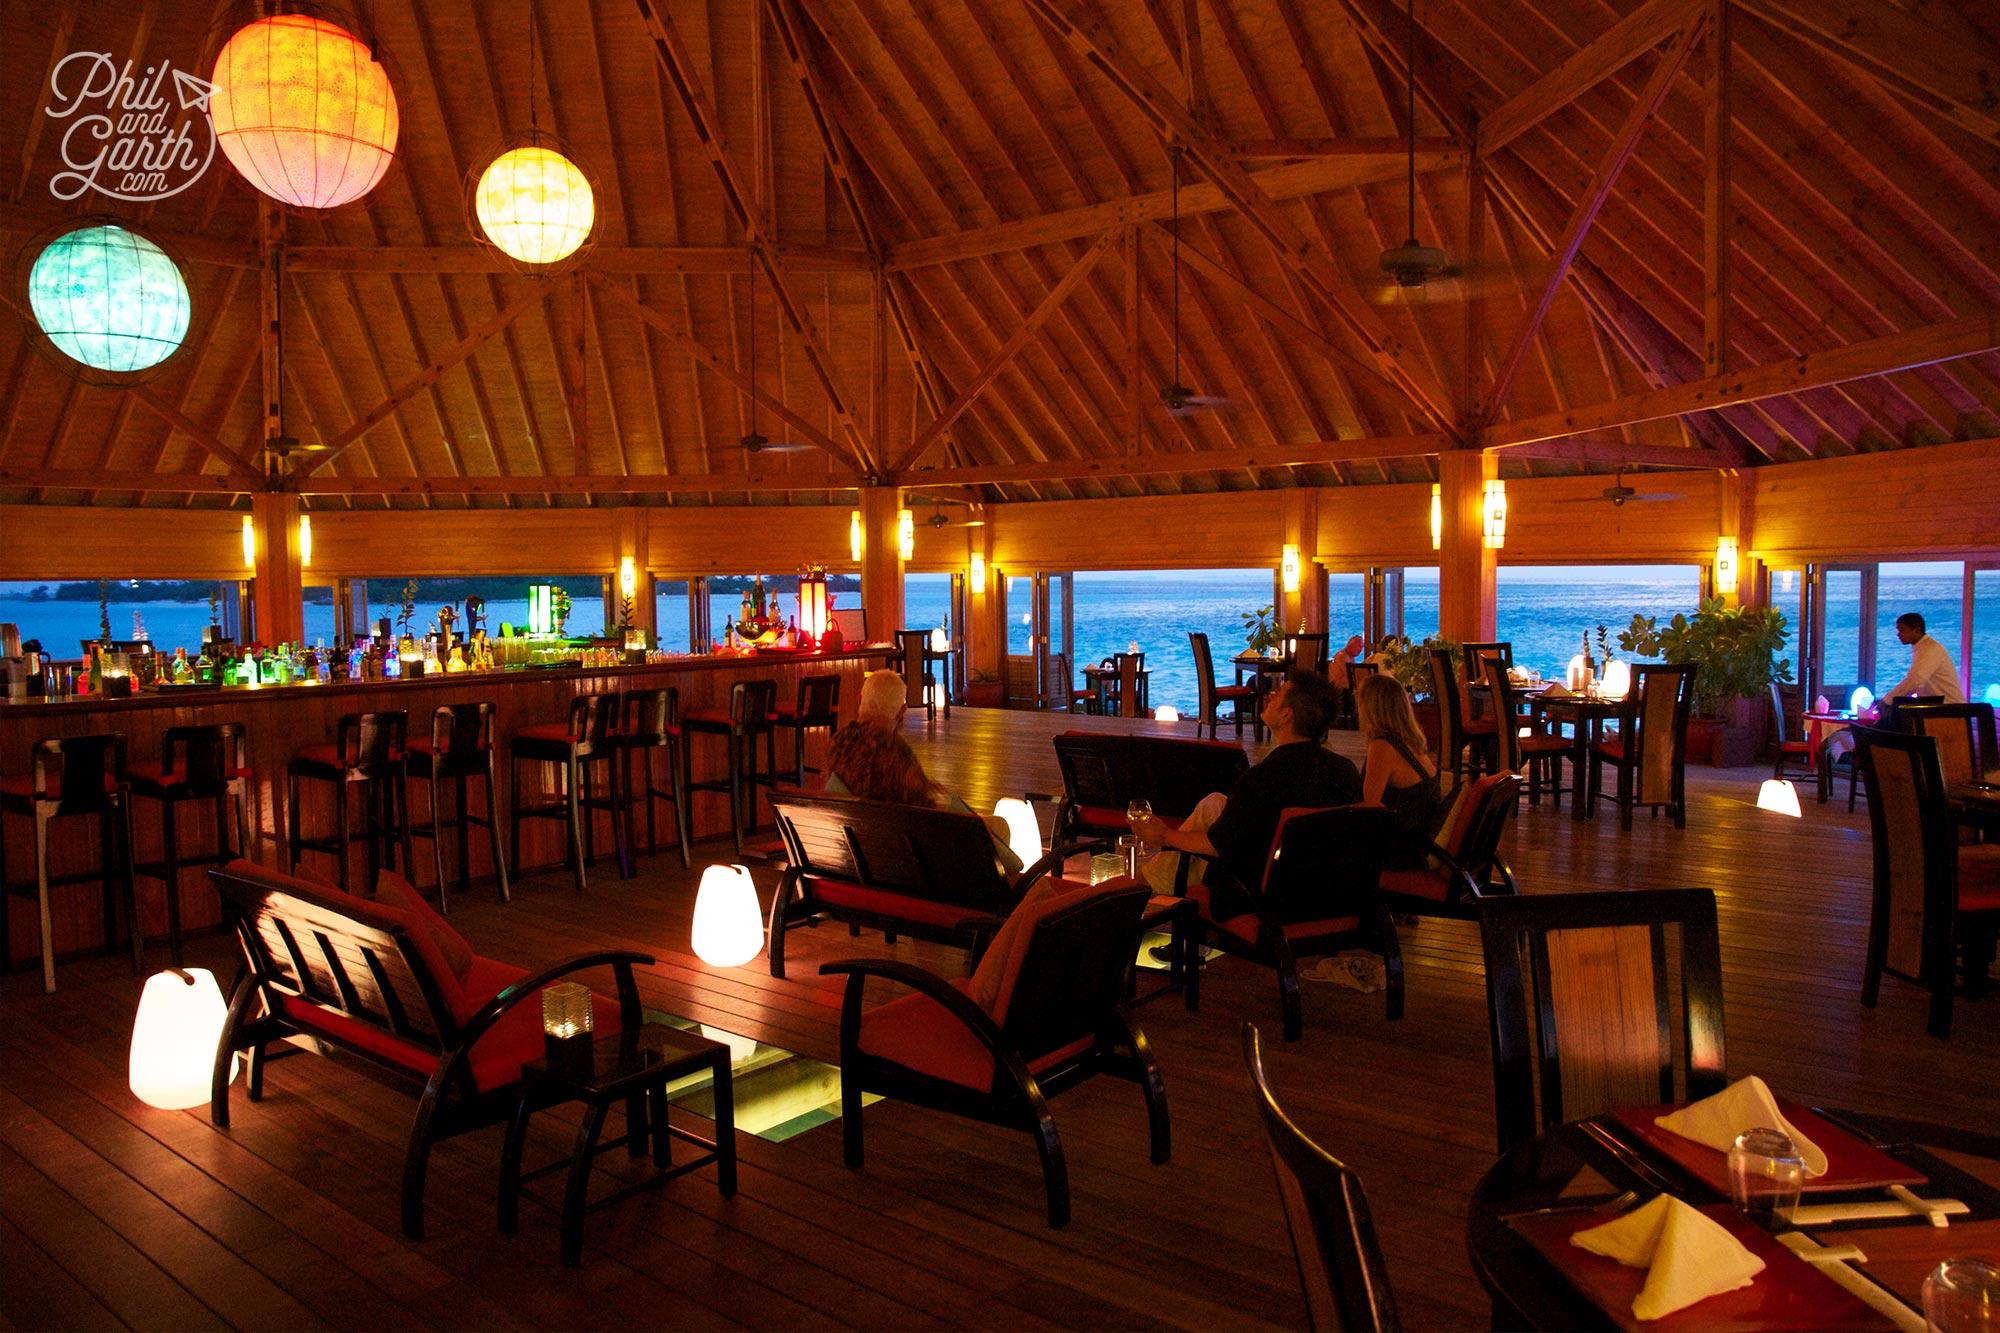 Inside the Asian Wok Restaurant